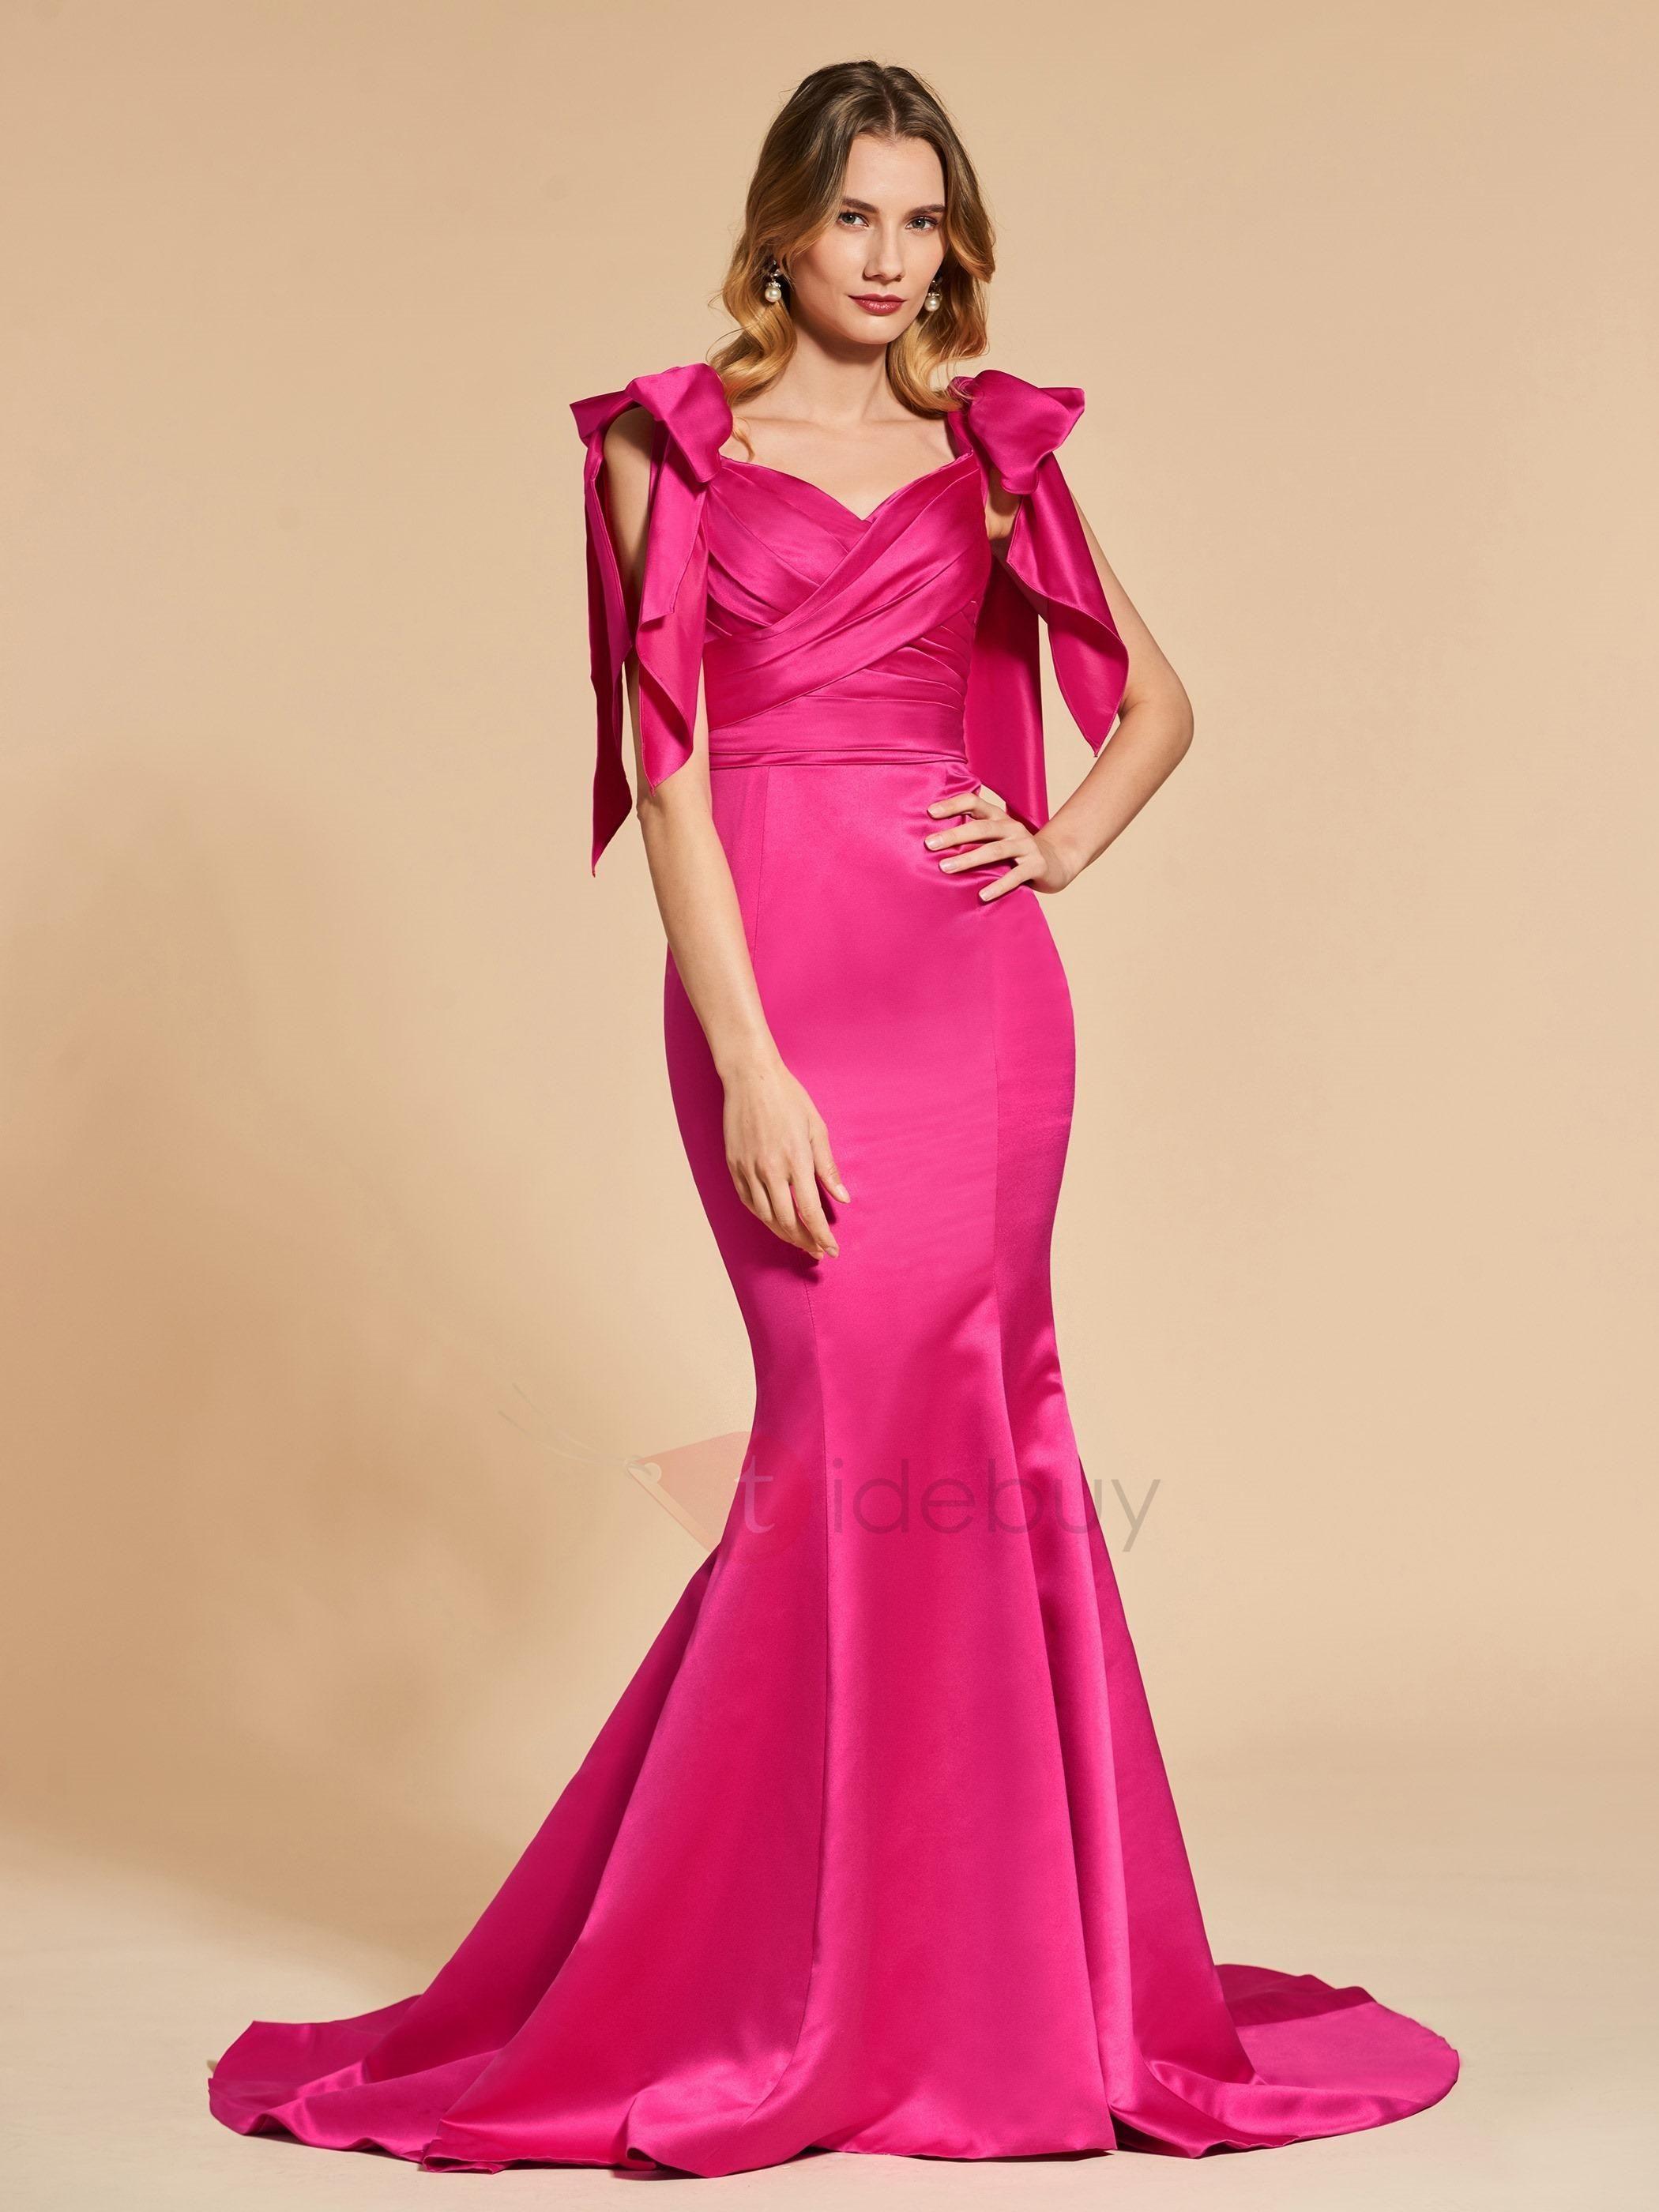 Excepcional Vestido De Novia De Pittsburgh Friso - Colección de ...